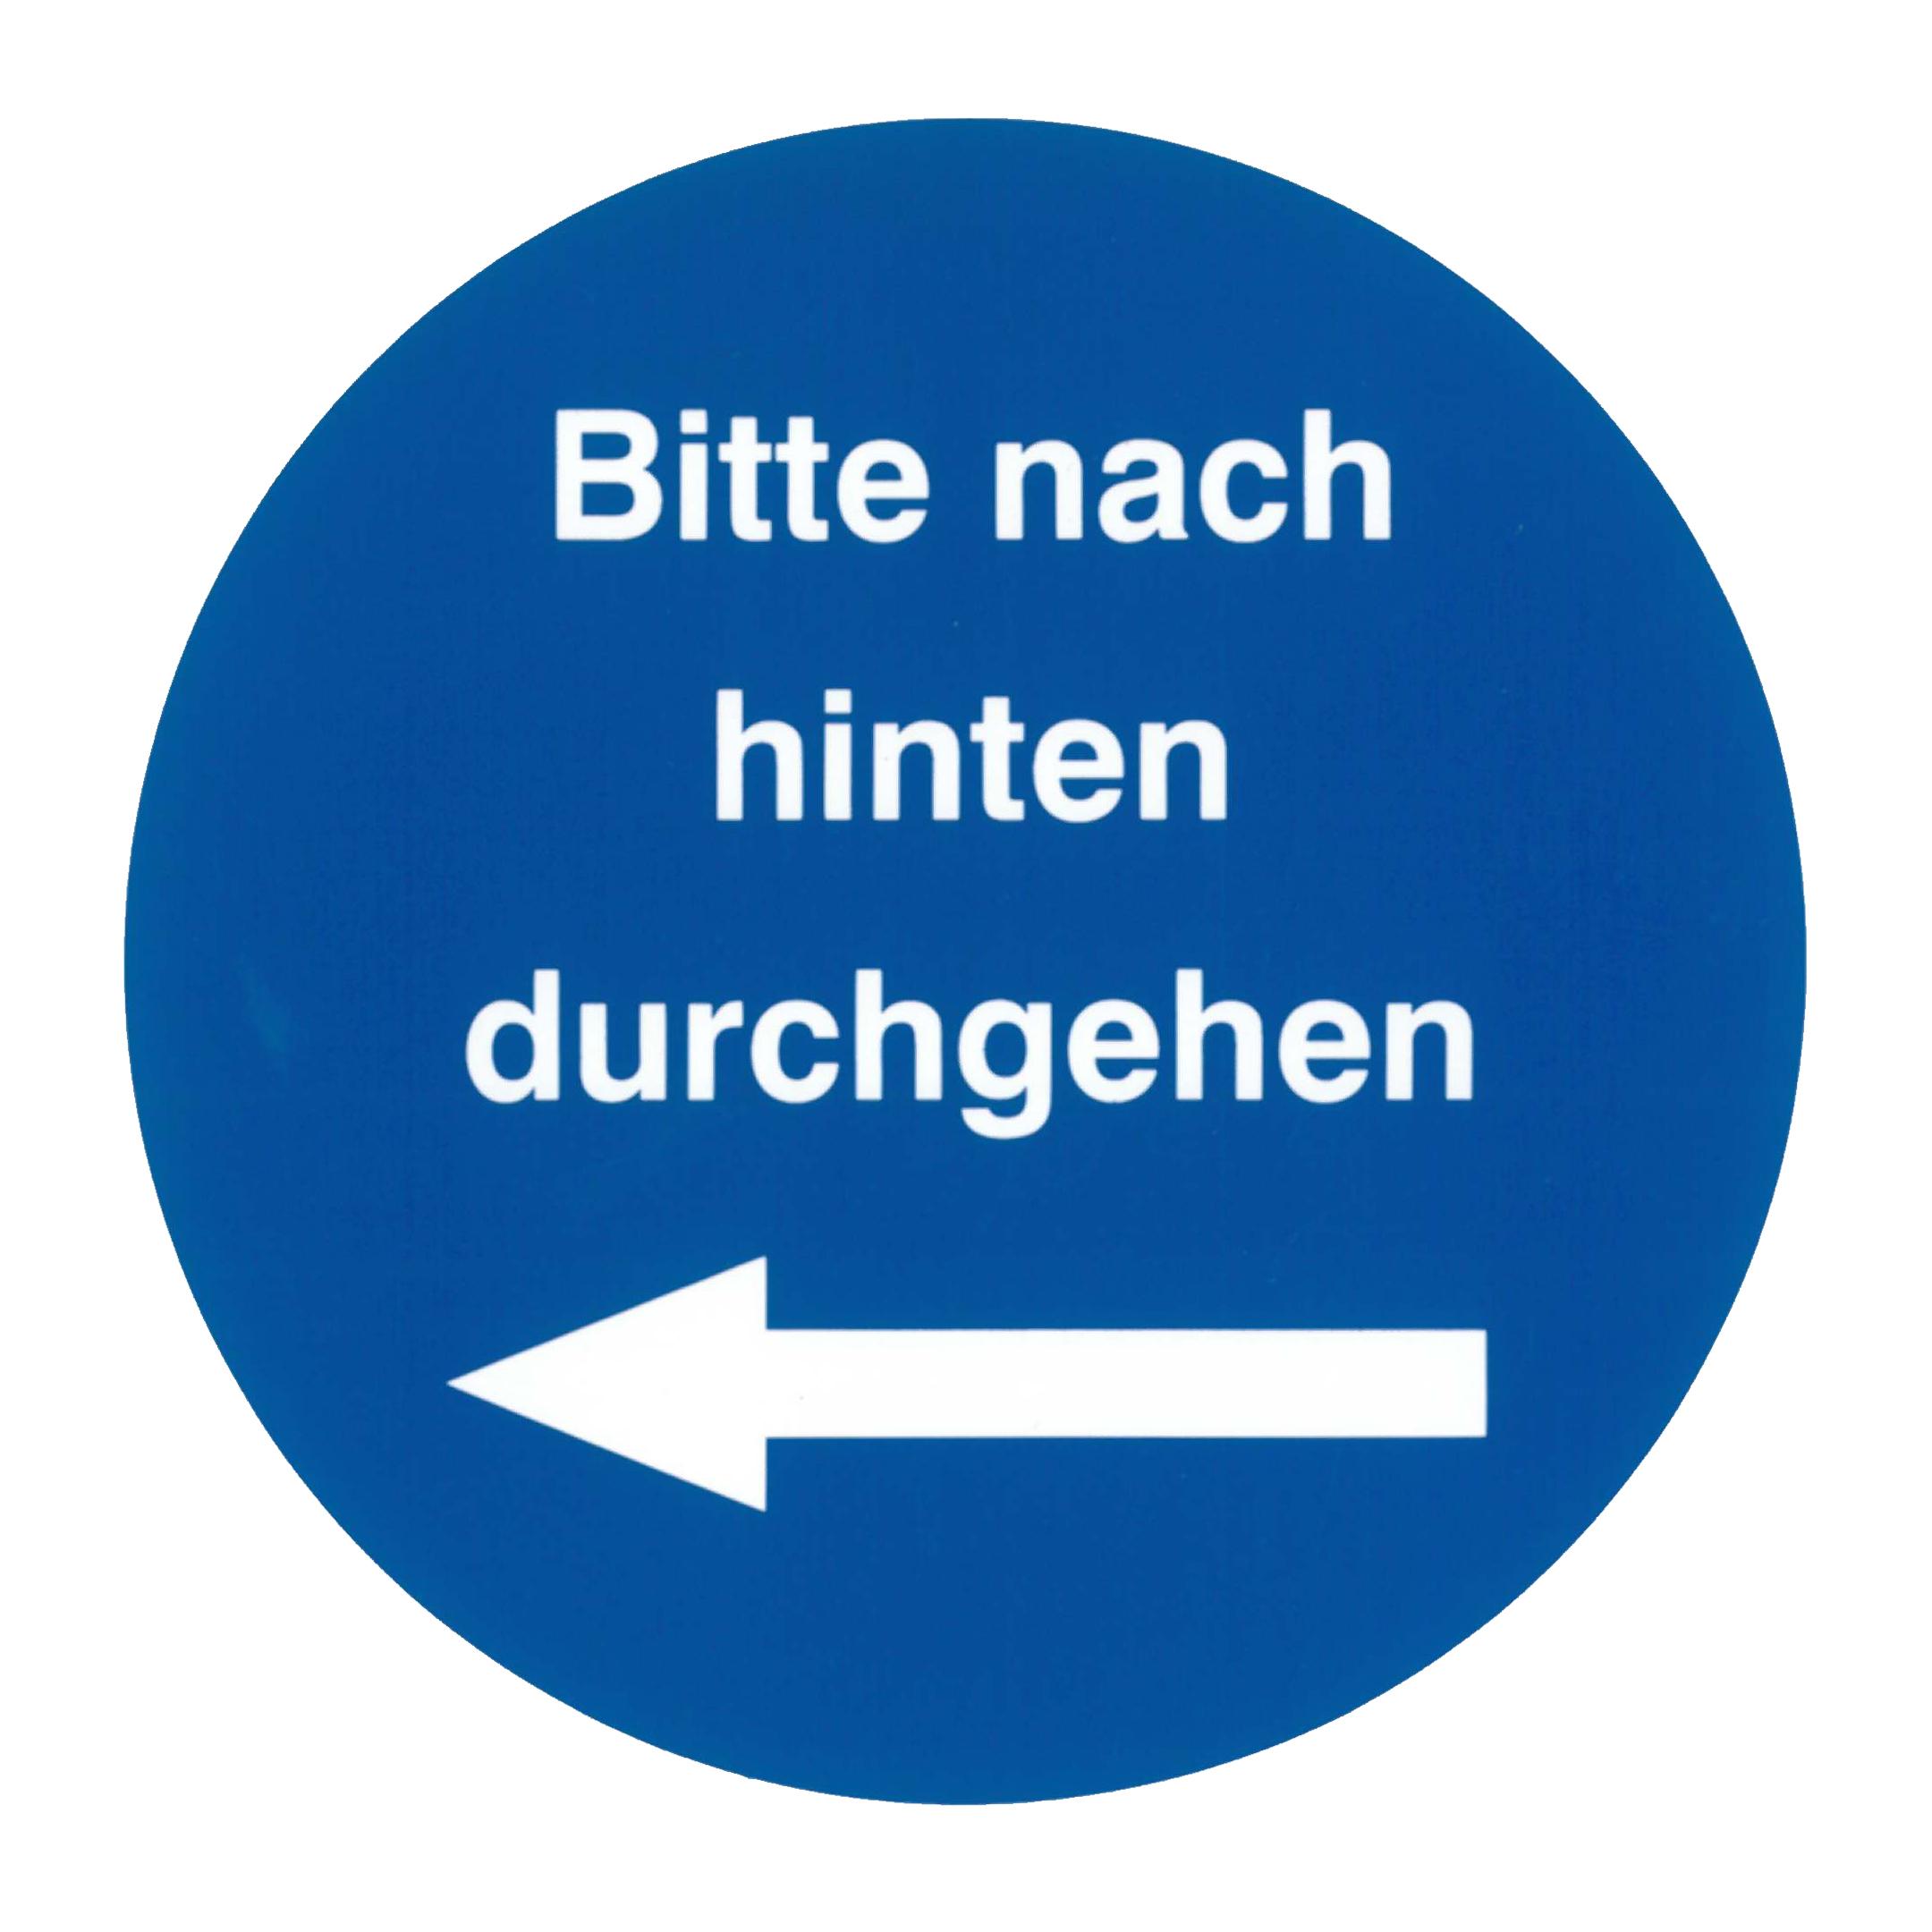 Piktogramm V20420B: Bitte nach hinten durchgehen